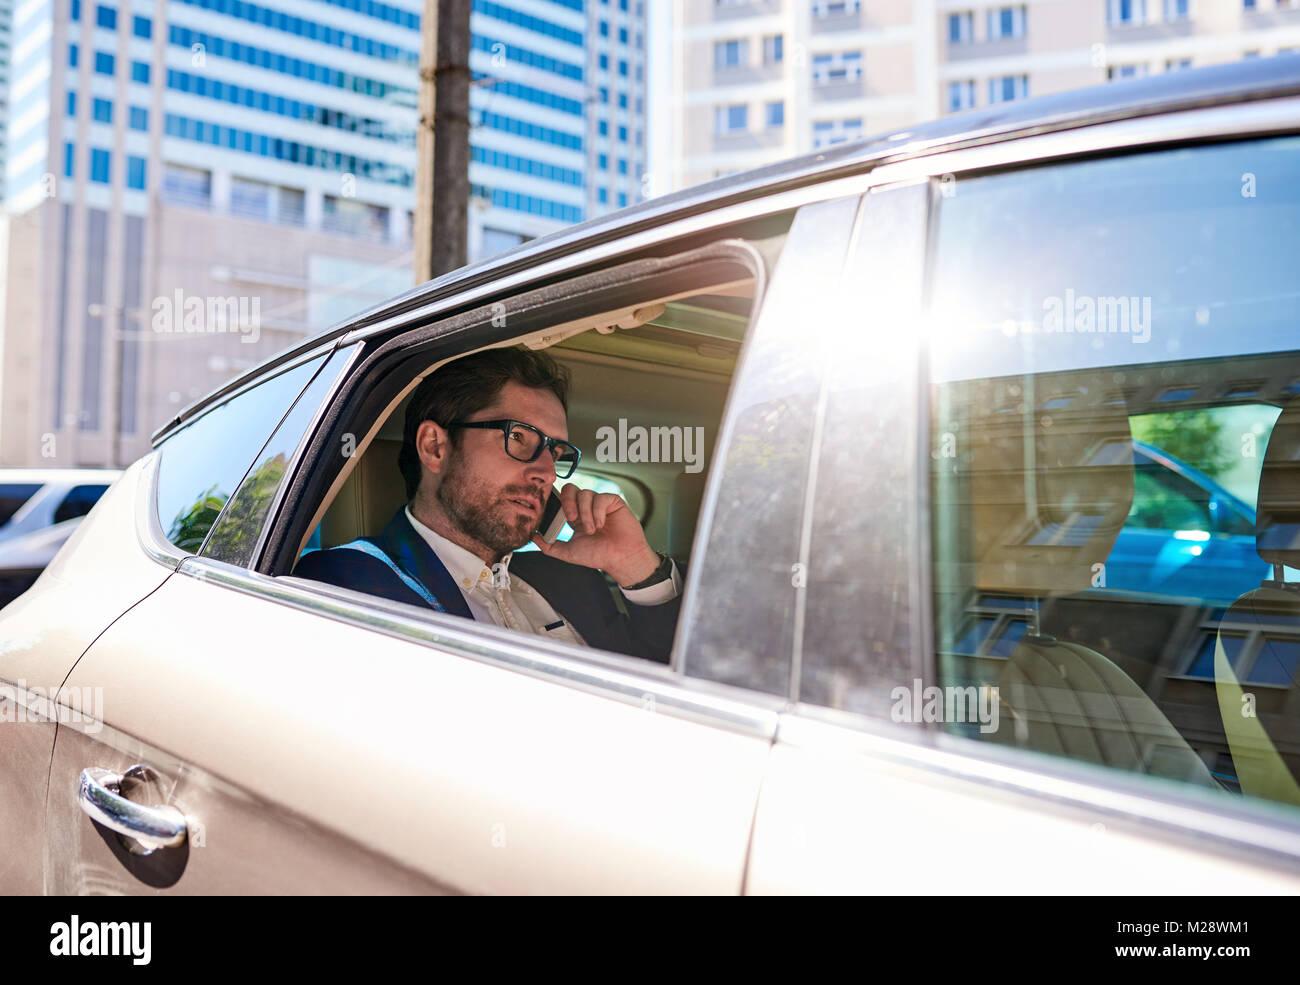 Young businessman sitting dans la banquette arrière d'une voiture l'utilisation d'un cellulaire Photo Stock